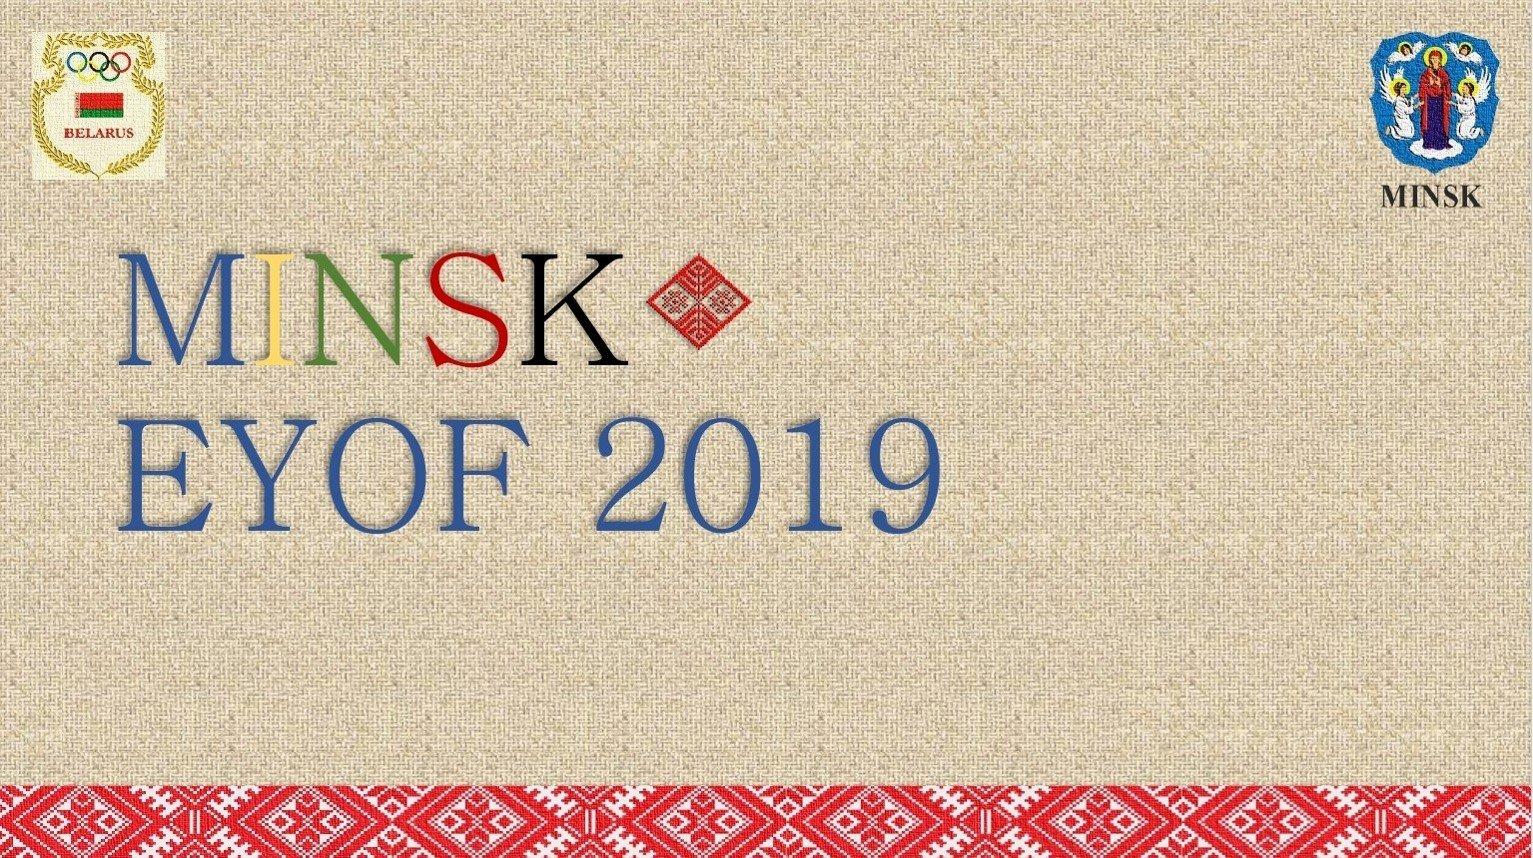 Минск 2019: Европейские игры